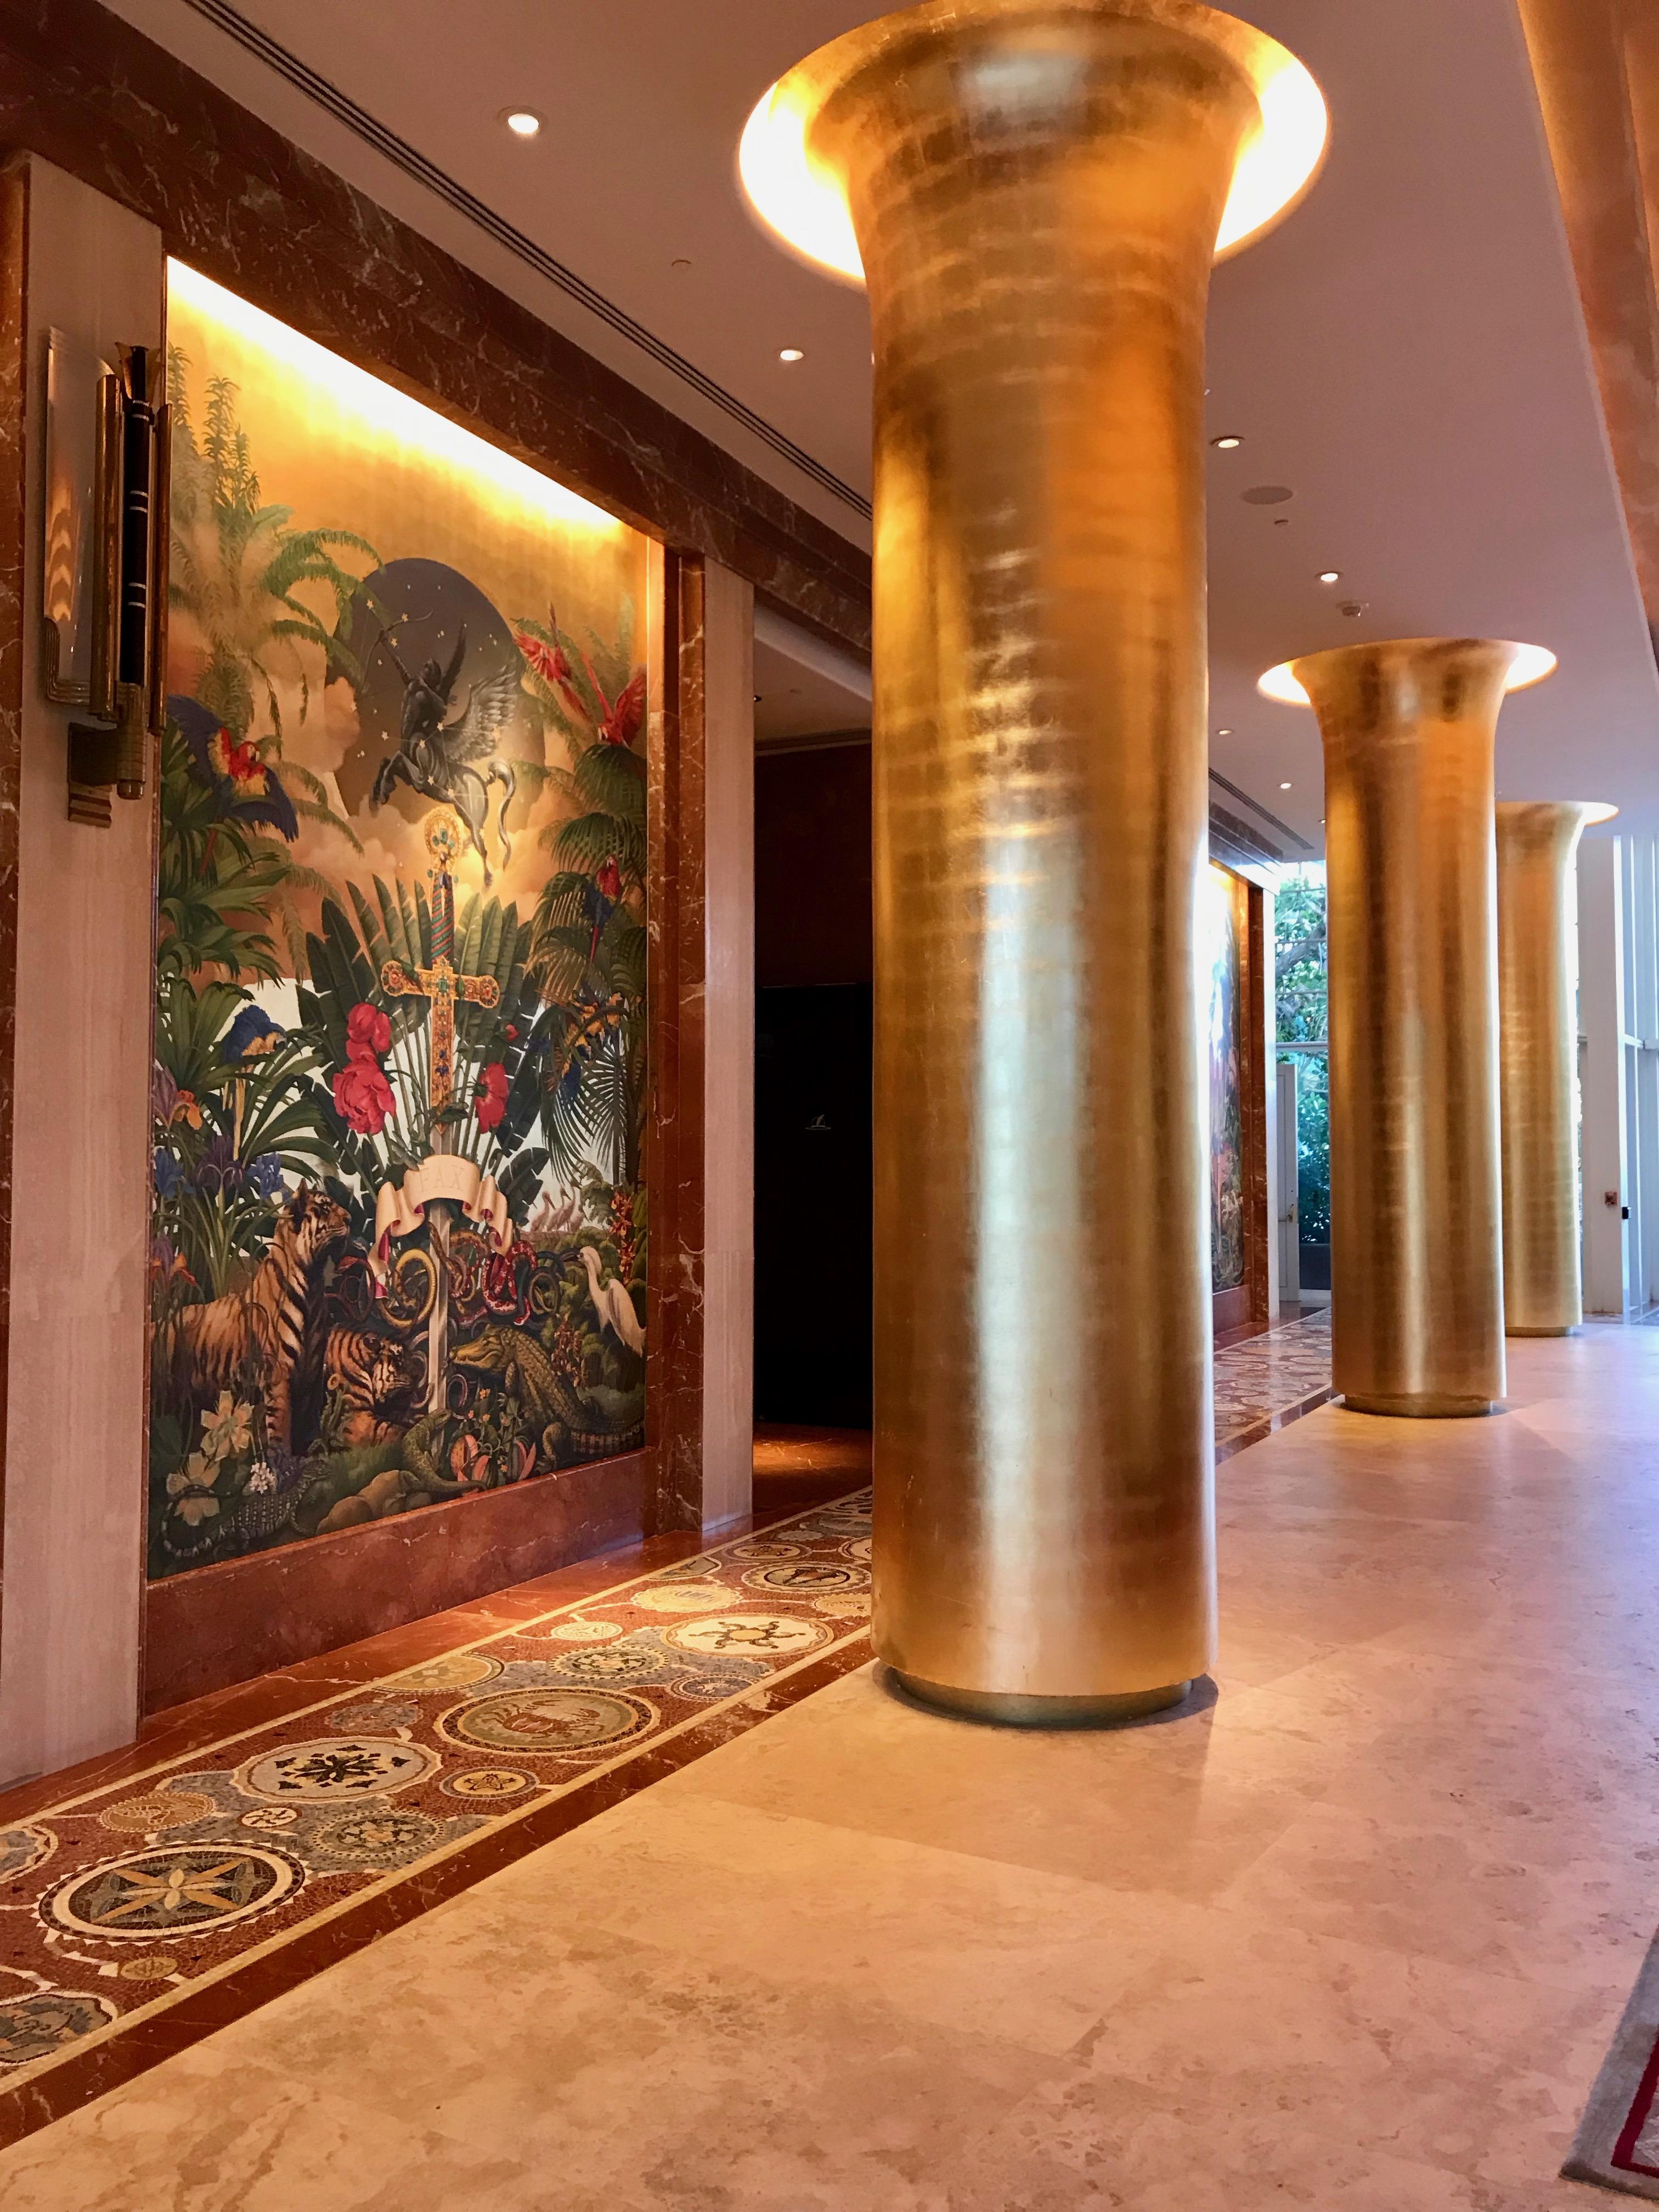 """Hotel Faena """"La Catedral"""", la grandiosa entrada del Hotel Faena, ideado como parte del ambicioso desarrollo del """"Distrito Faena"""", por el promotor y visionario argentino Alan Faena. Te recomiendo una visita para admirar su espectacular diseño, sus obras de arte y su glamour y grandiosidad.Foto suministrada"""